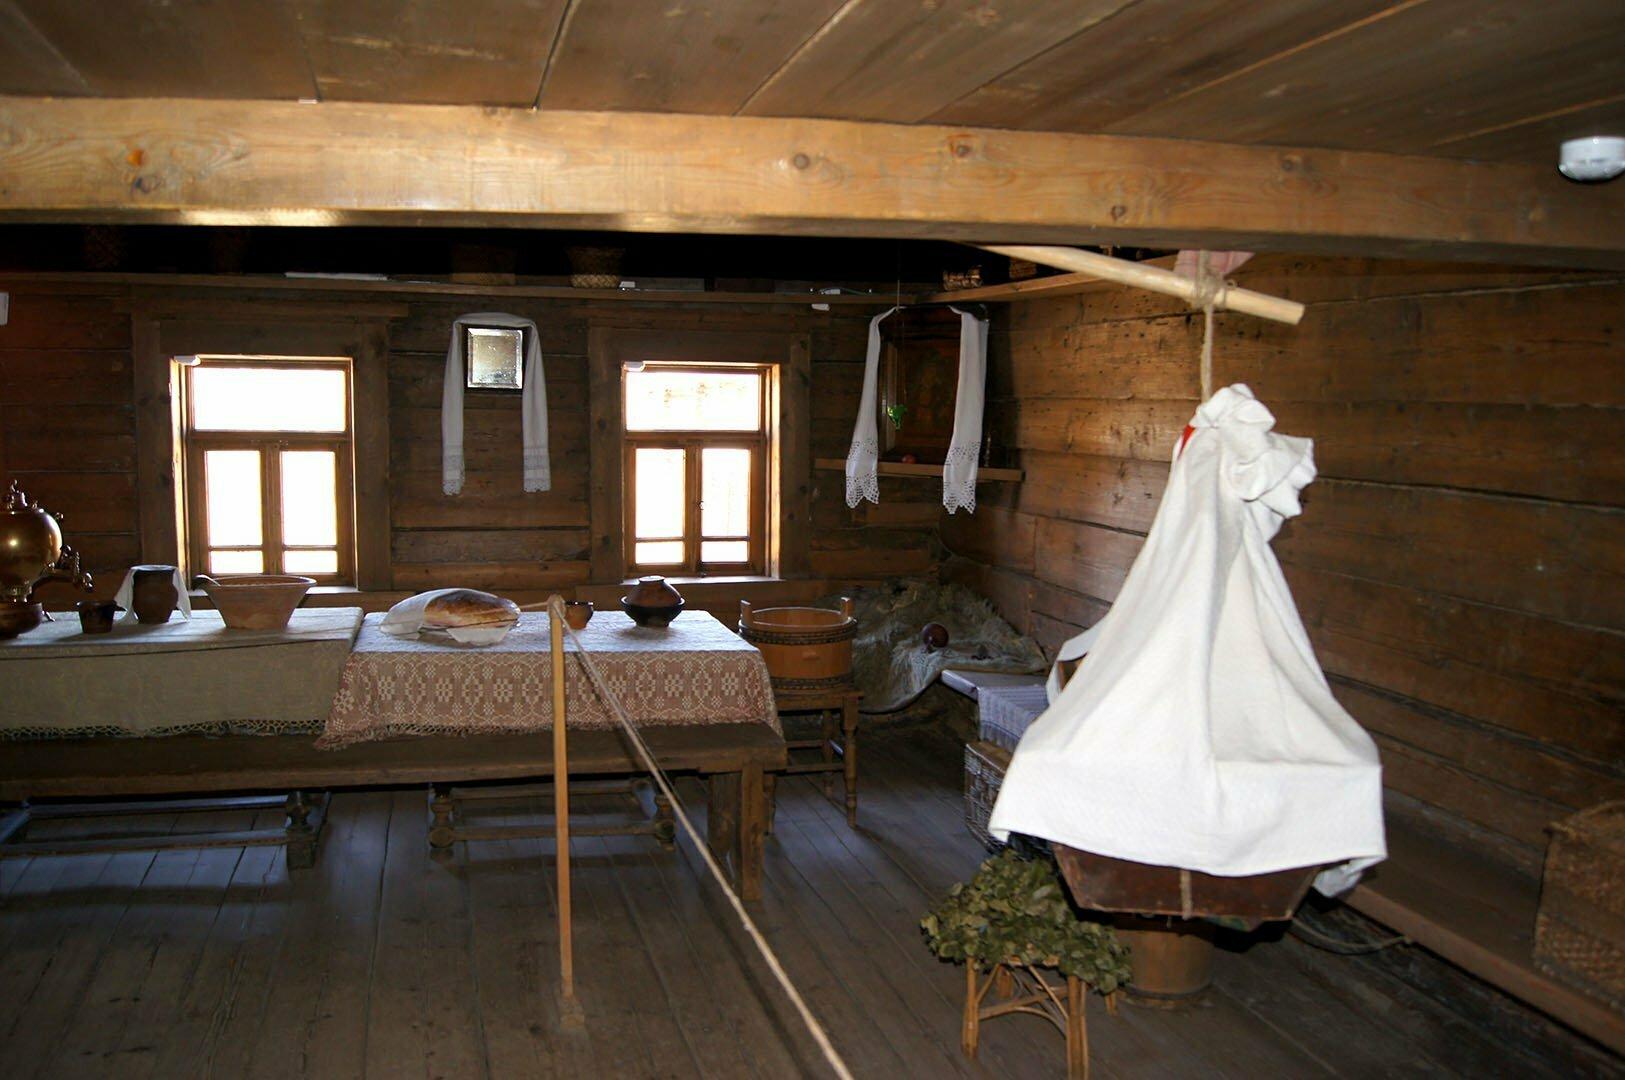 Изба Шкипарева П.А. Музей деревянного зодчества в Великом Новгороде